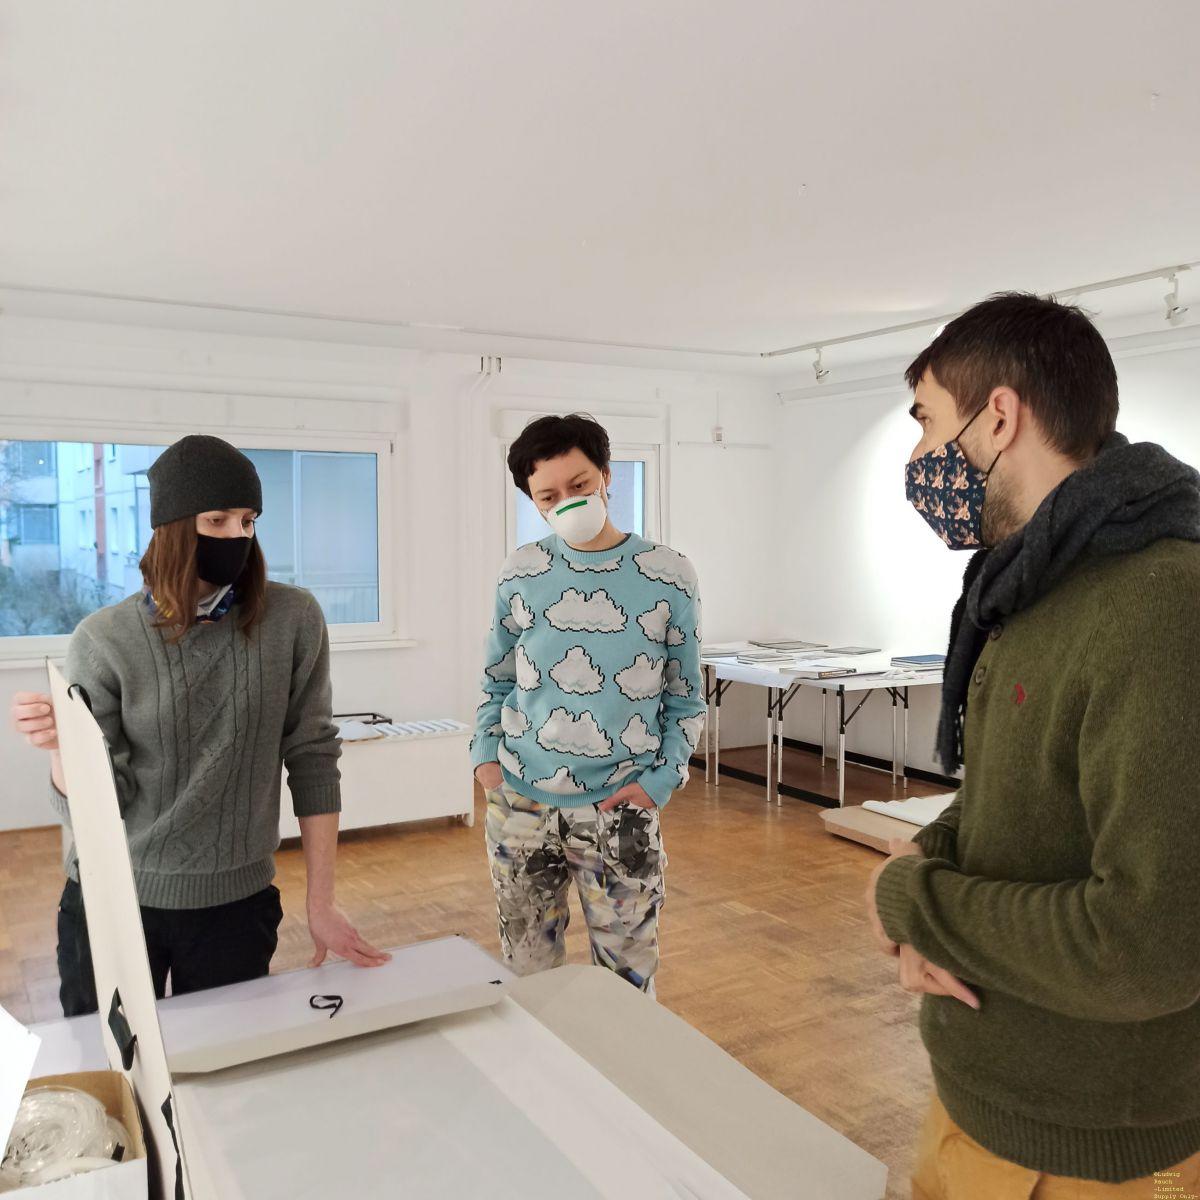 """Dominika, Valerie und Felix besprechen die Rahmungen für die Vorschau zur Ausstellung """"Chile ist erwacht! Repression und sozialer Widerstand - gestern und heute."""